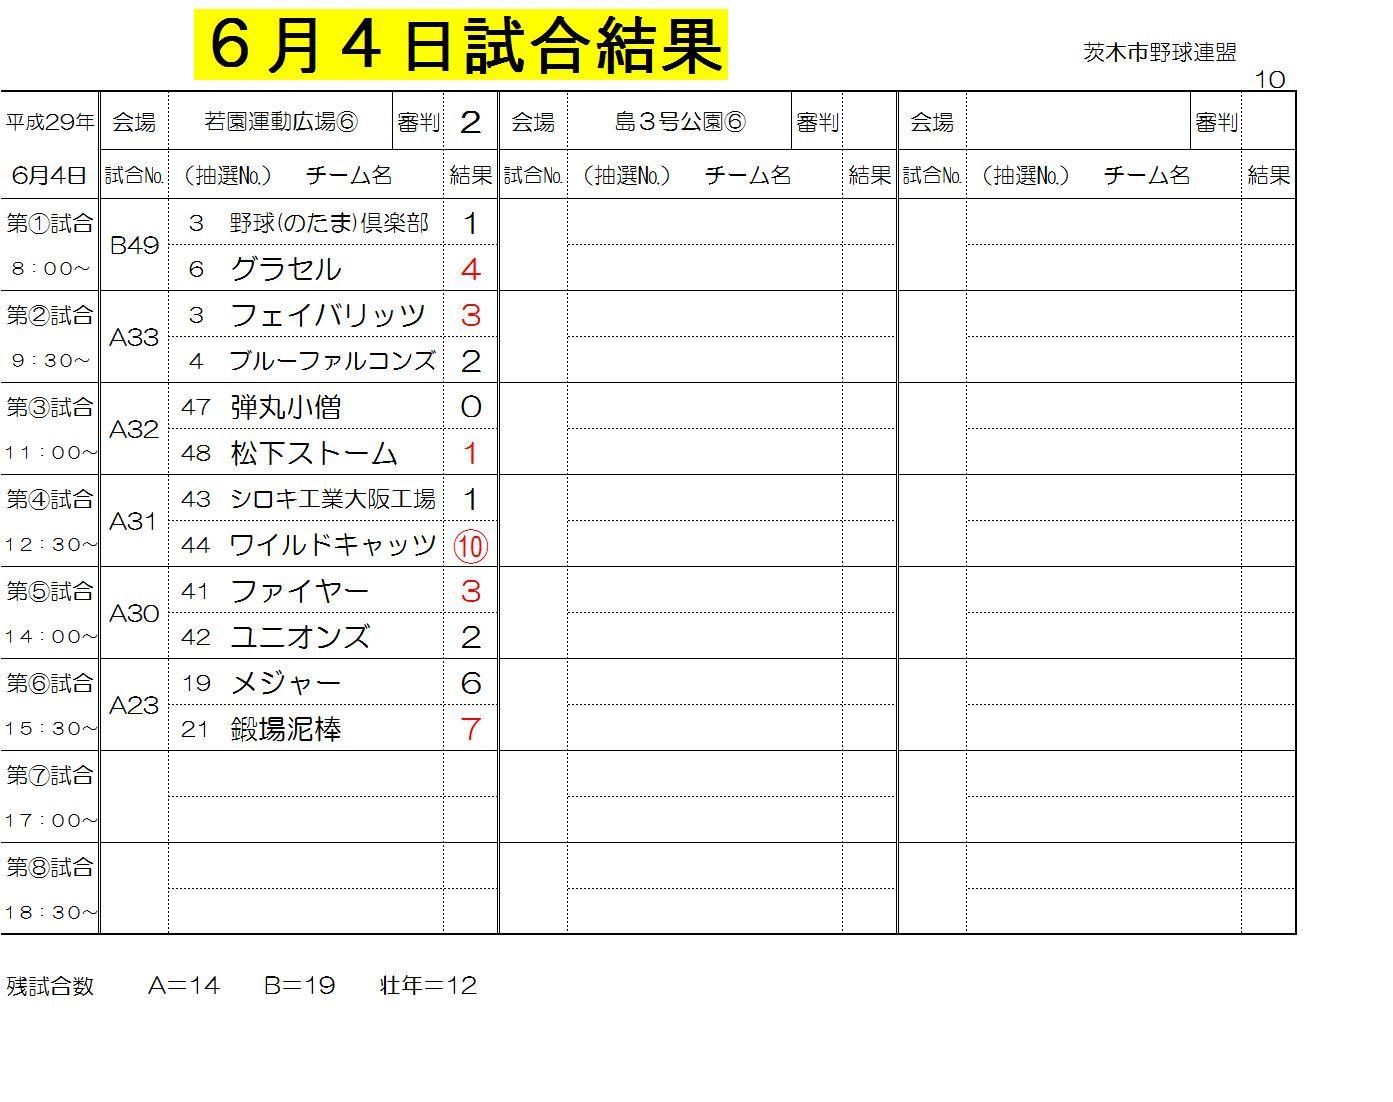 6月4日試合結果